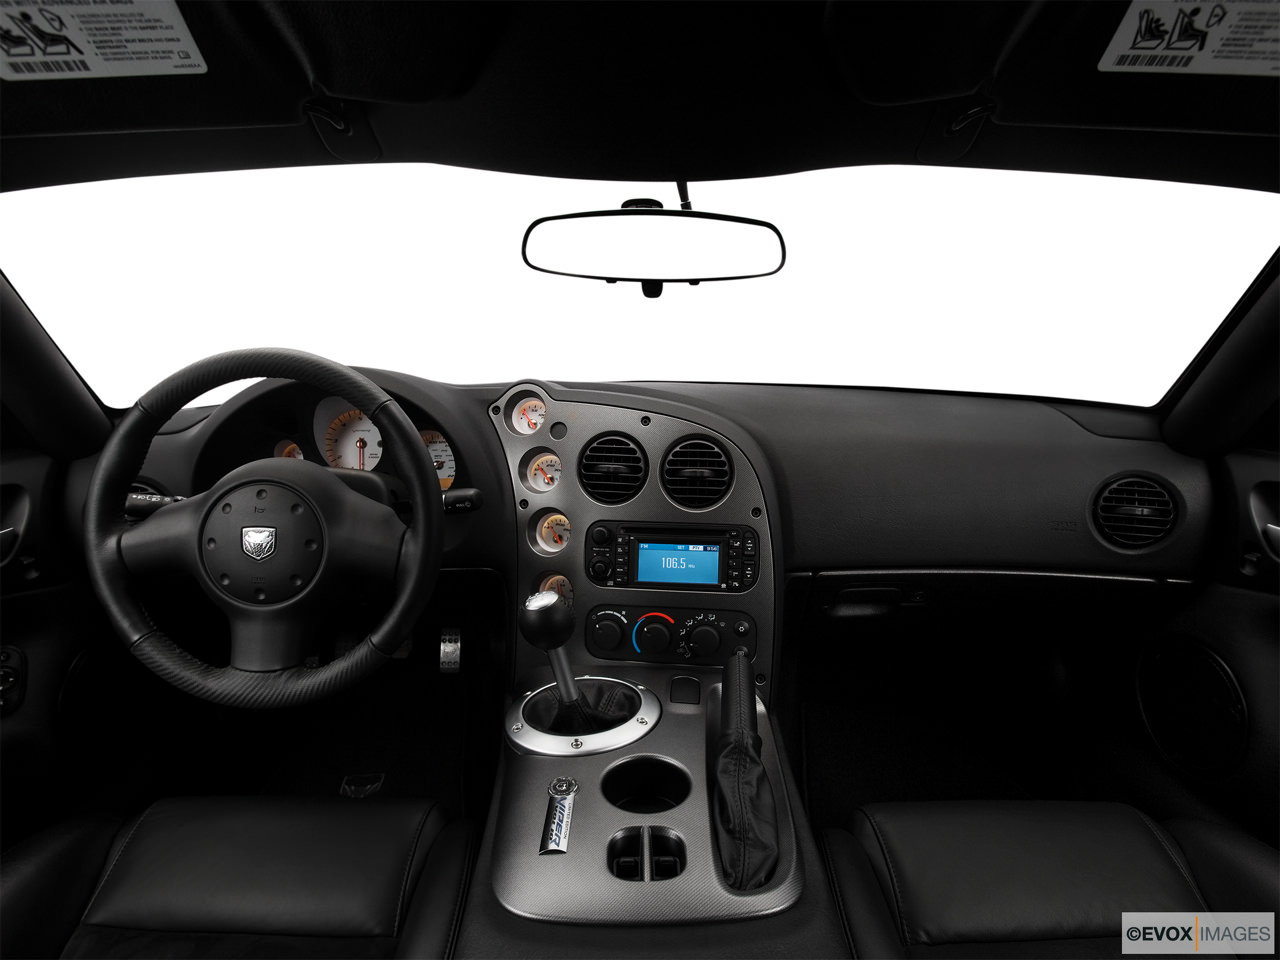 Dodge Viper 2010 interior